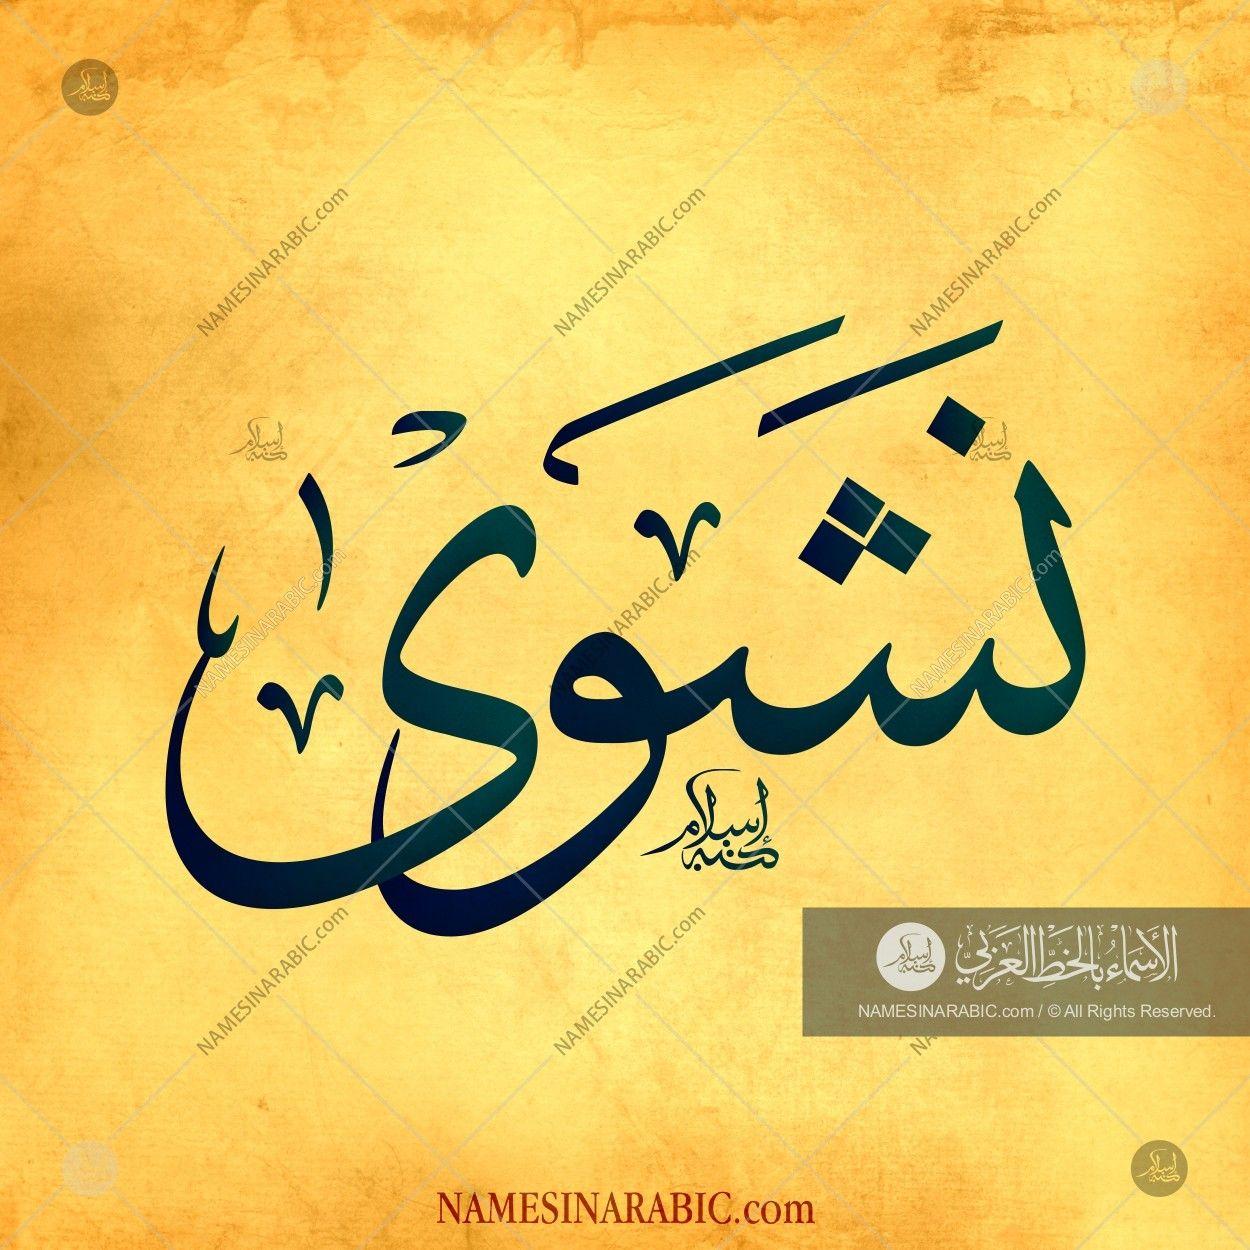 Nashwa نشوى Names In Arabic Calligraphy Name 2866 Calligraphy Calligraphy Name Names